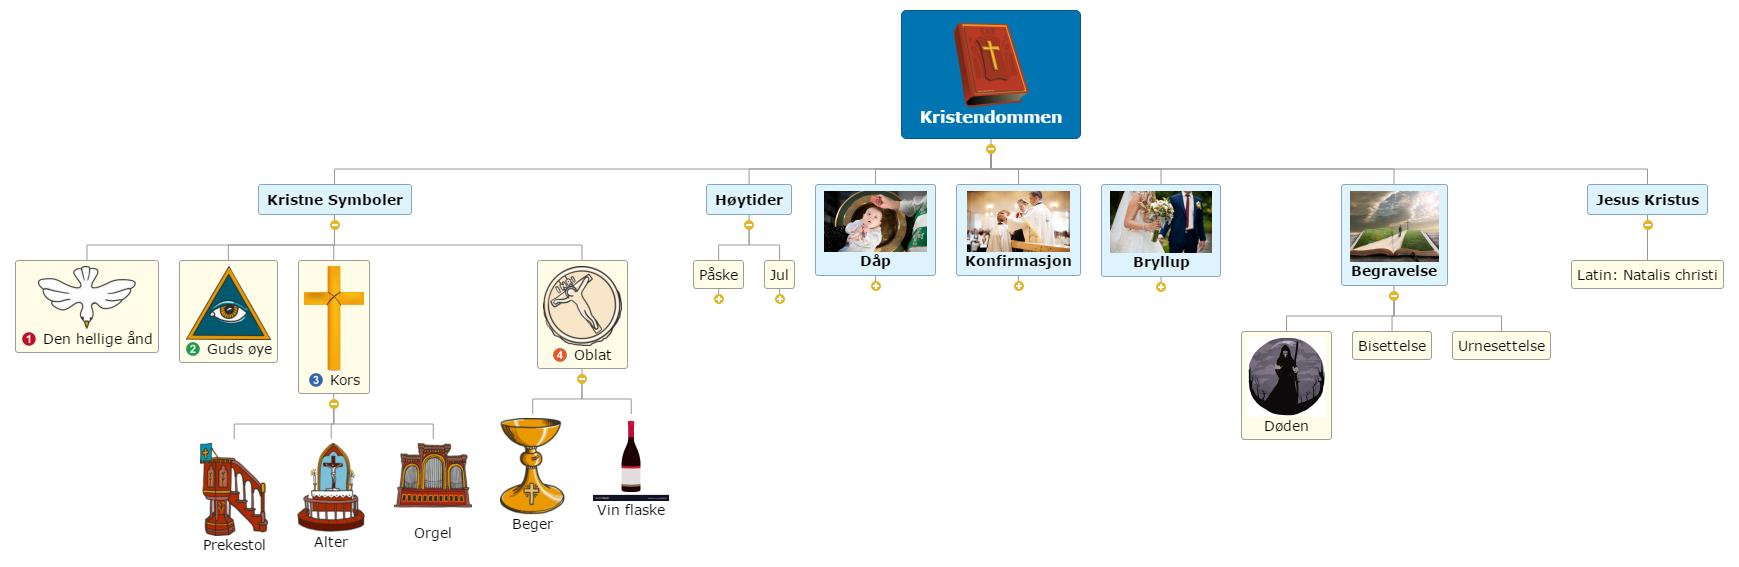 Kristendommen Av Oline Og Markus Ny Mind Map